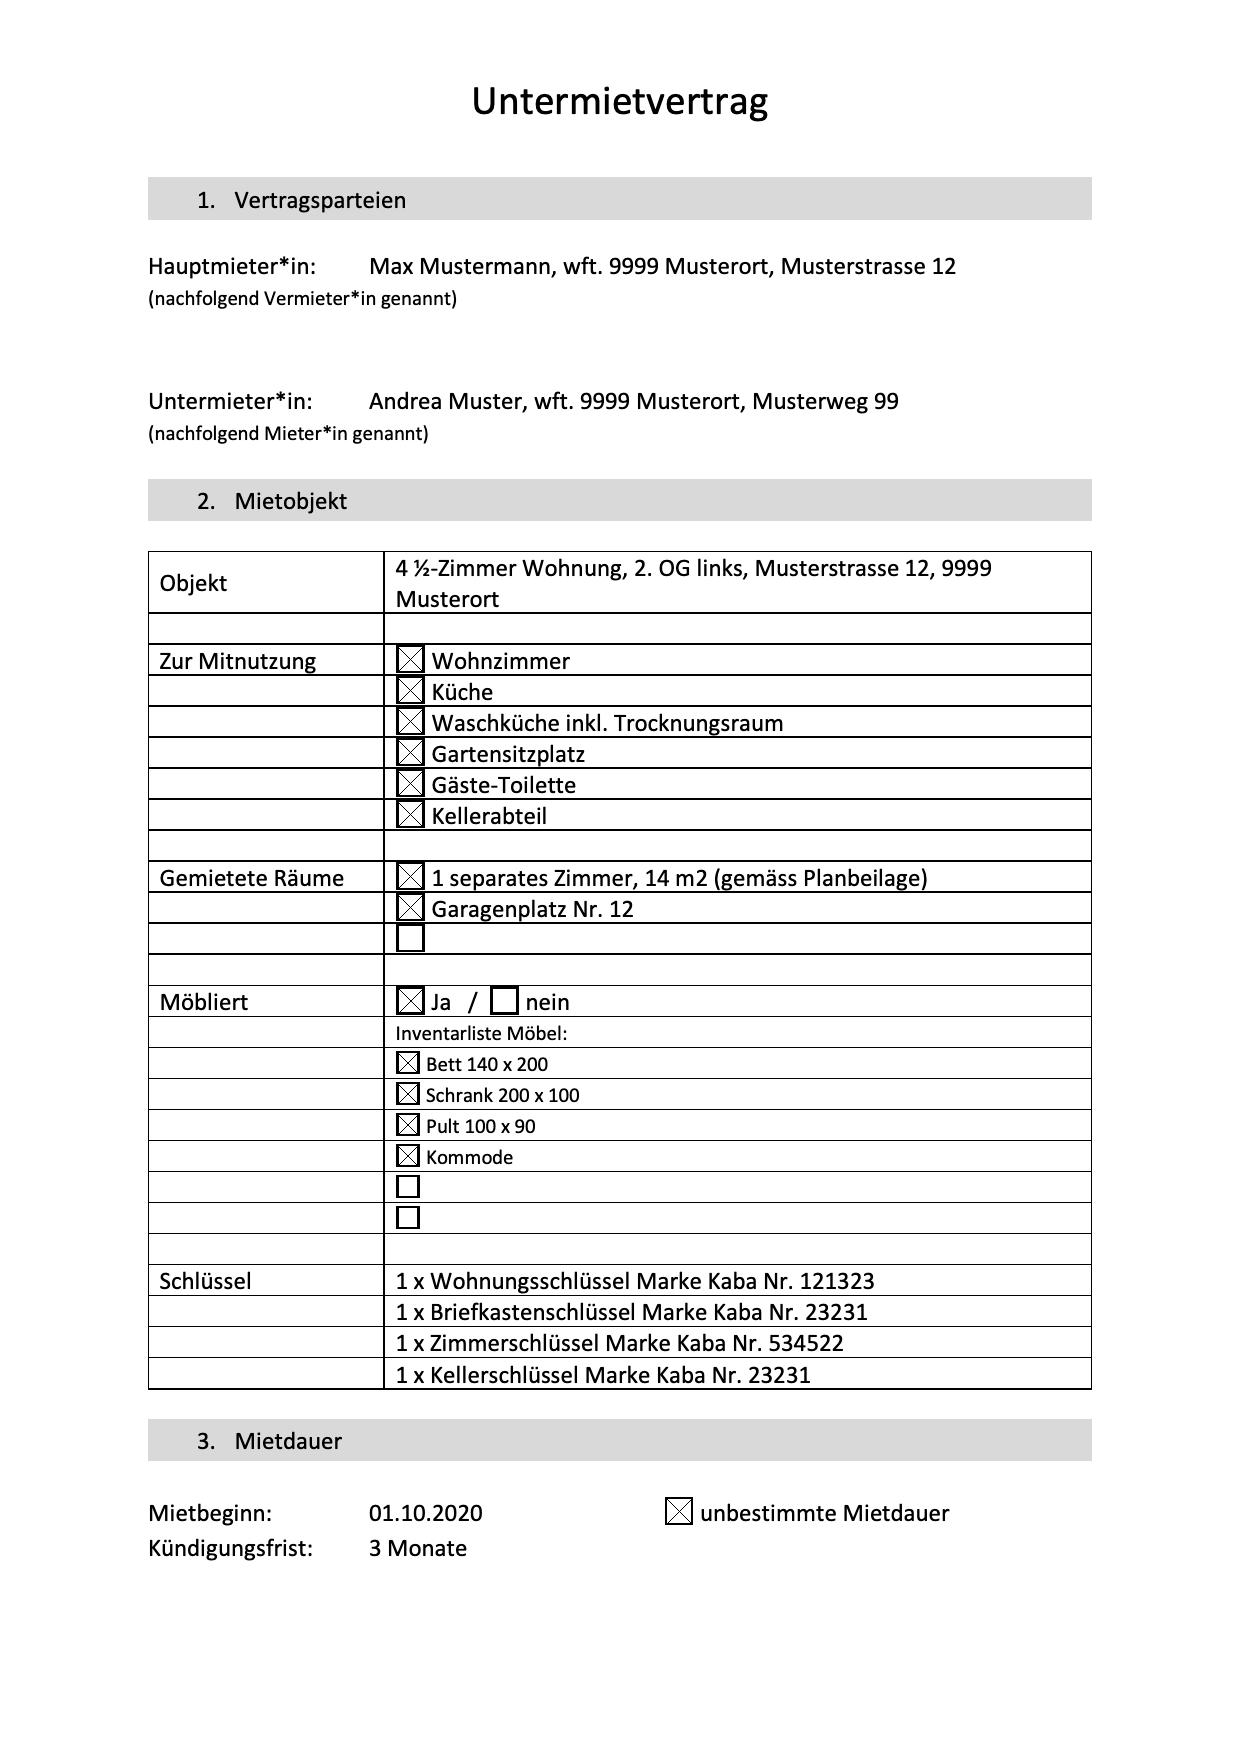 Untermietvertrag Muster Vorlage Pdf Download 14